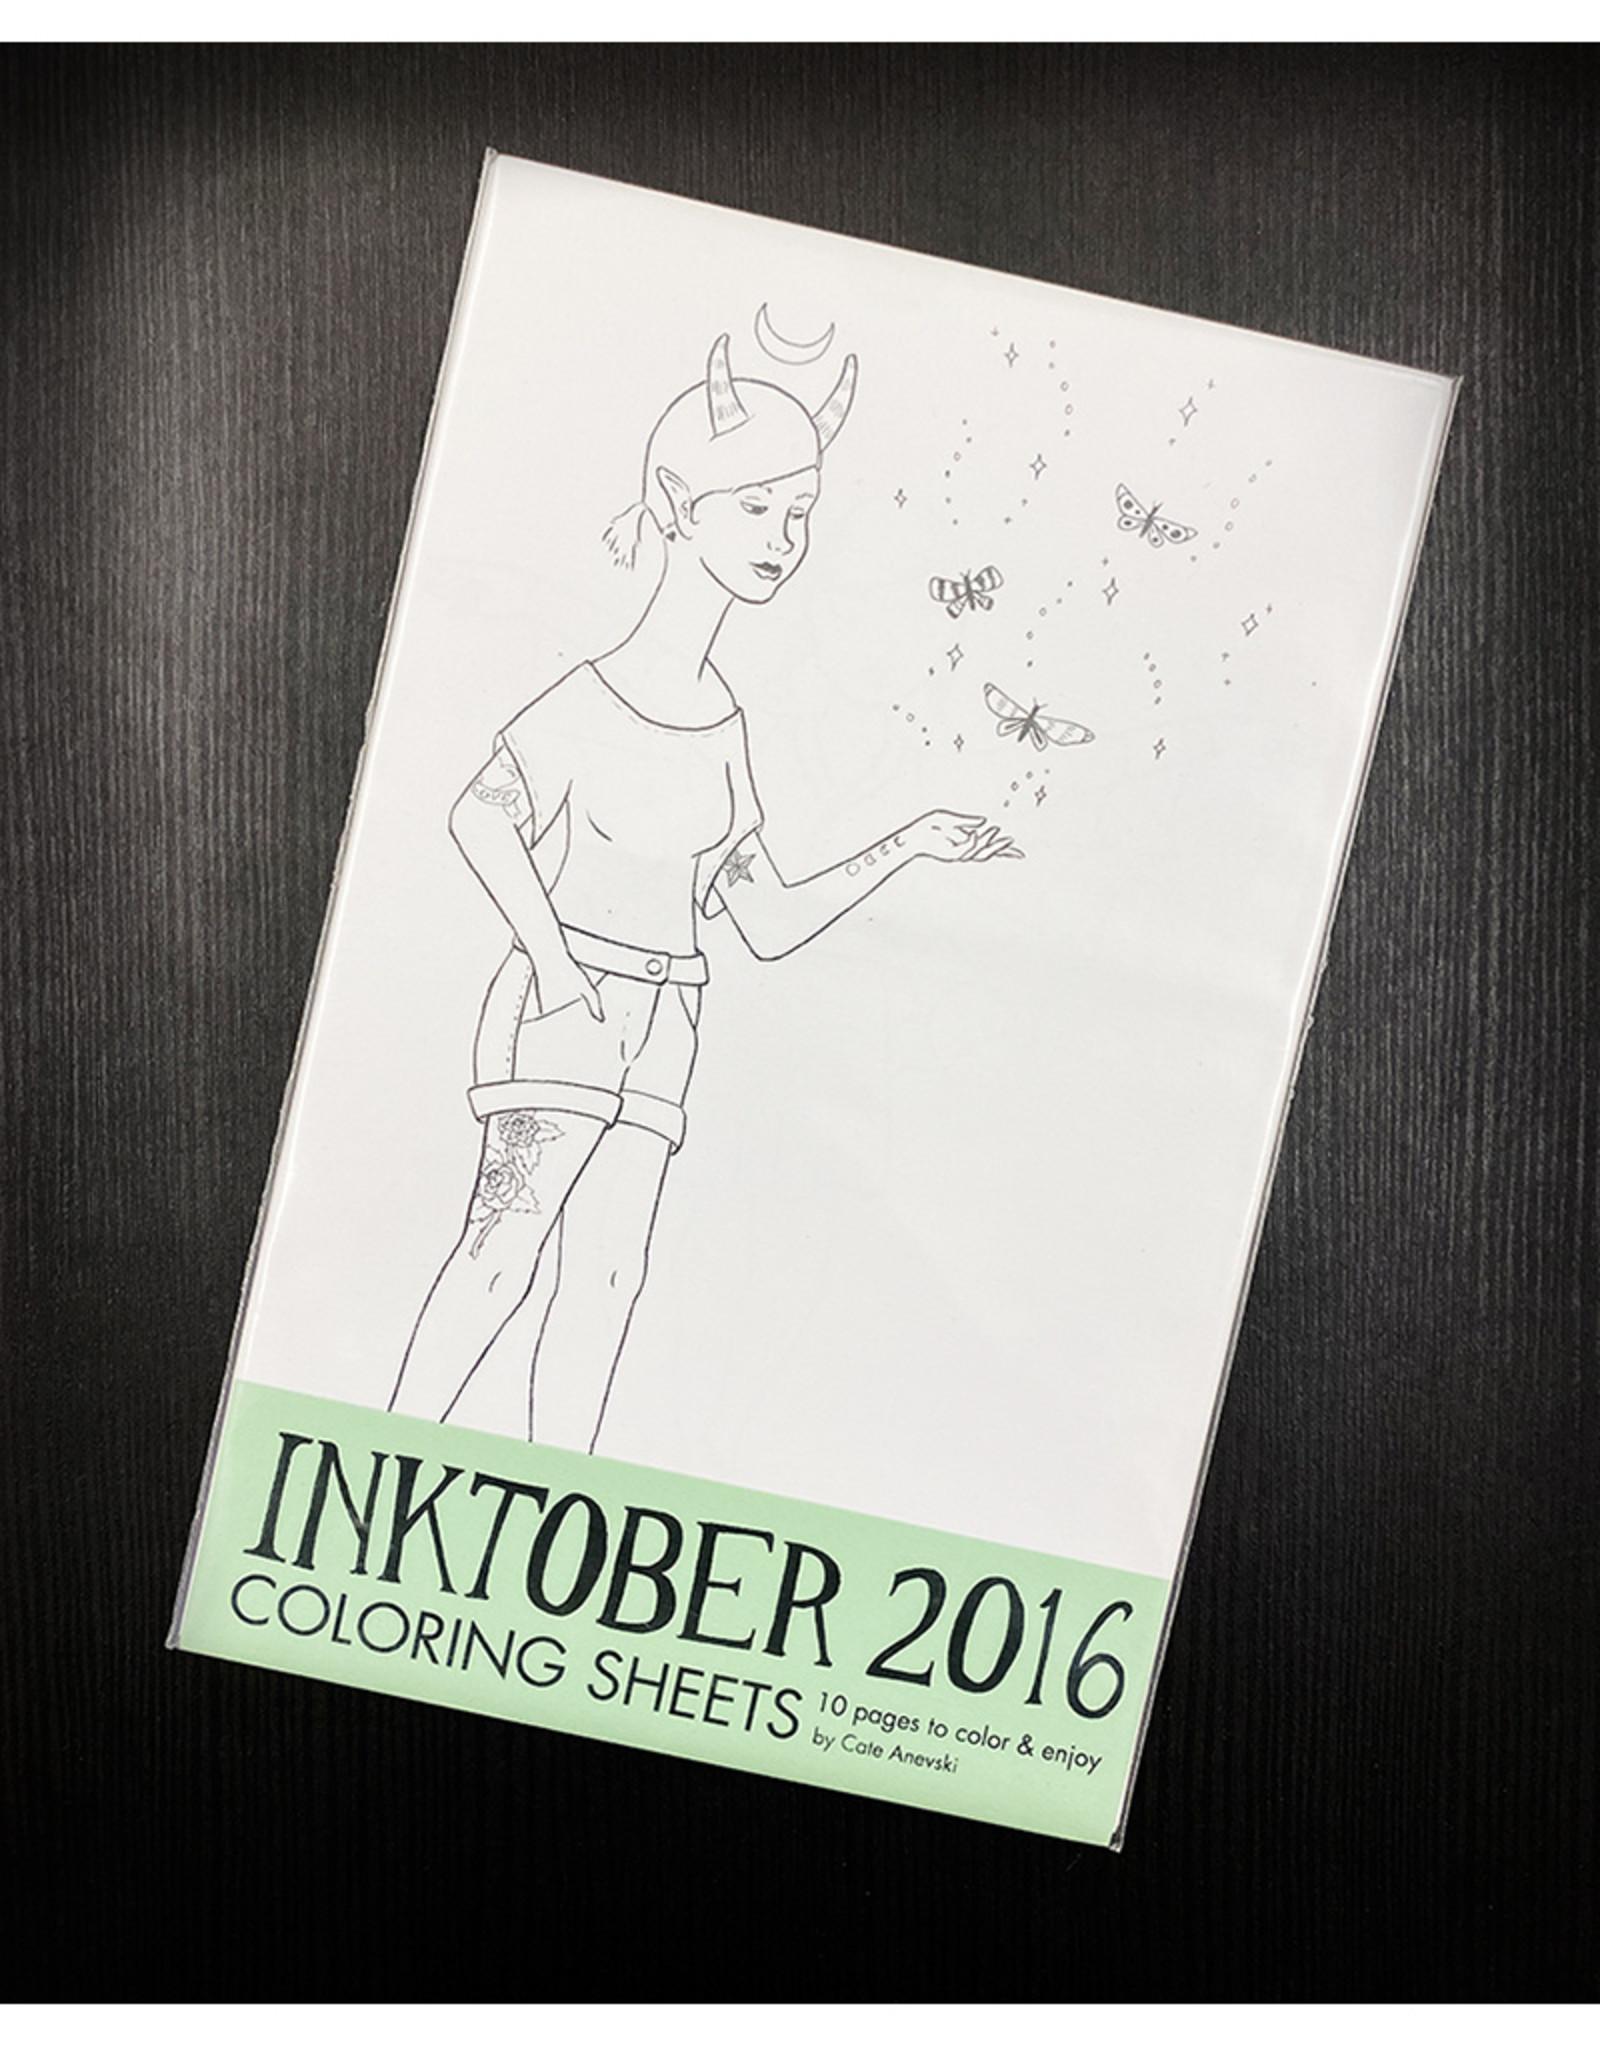 Bee's Knees Industries Inktober 2016 Coloring Sheets by Bee's Knees Industries